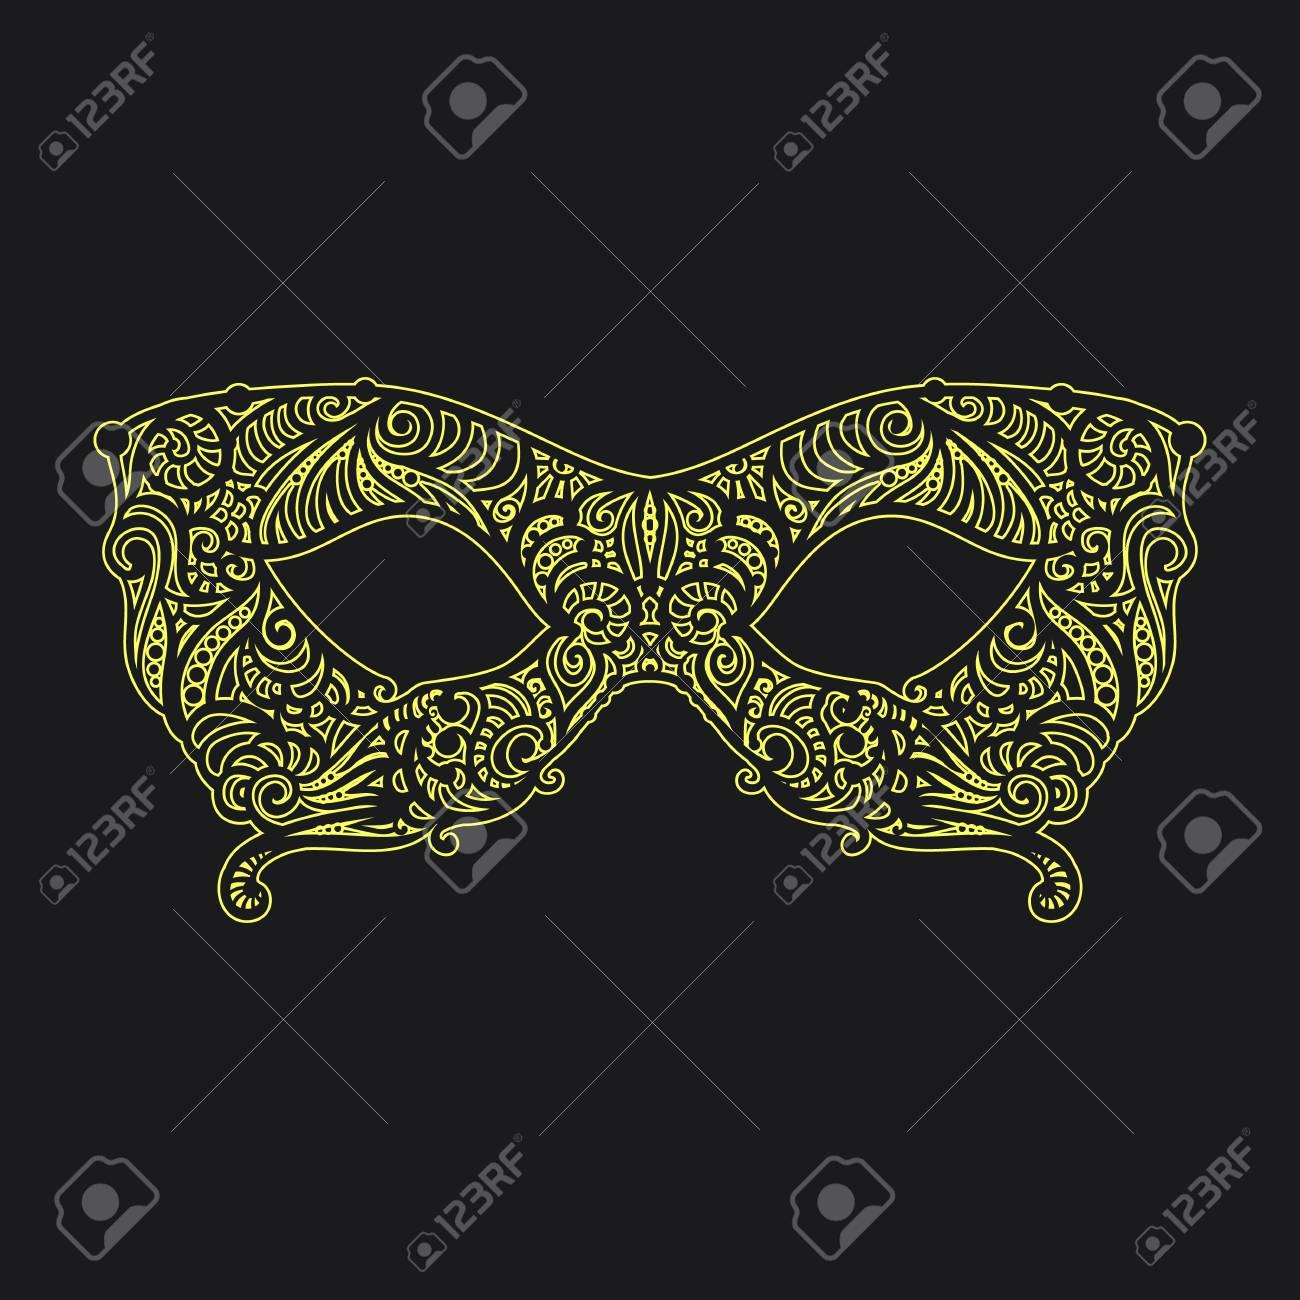 Asombroso Crochet Patrón De Máscara De La Mascarada Friso - Manta de ...